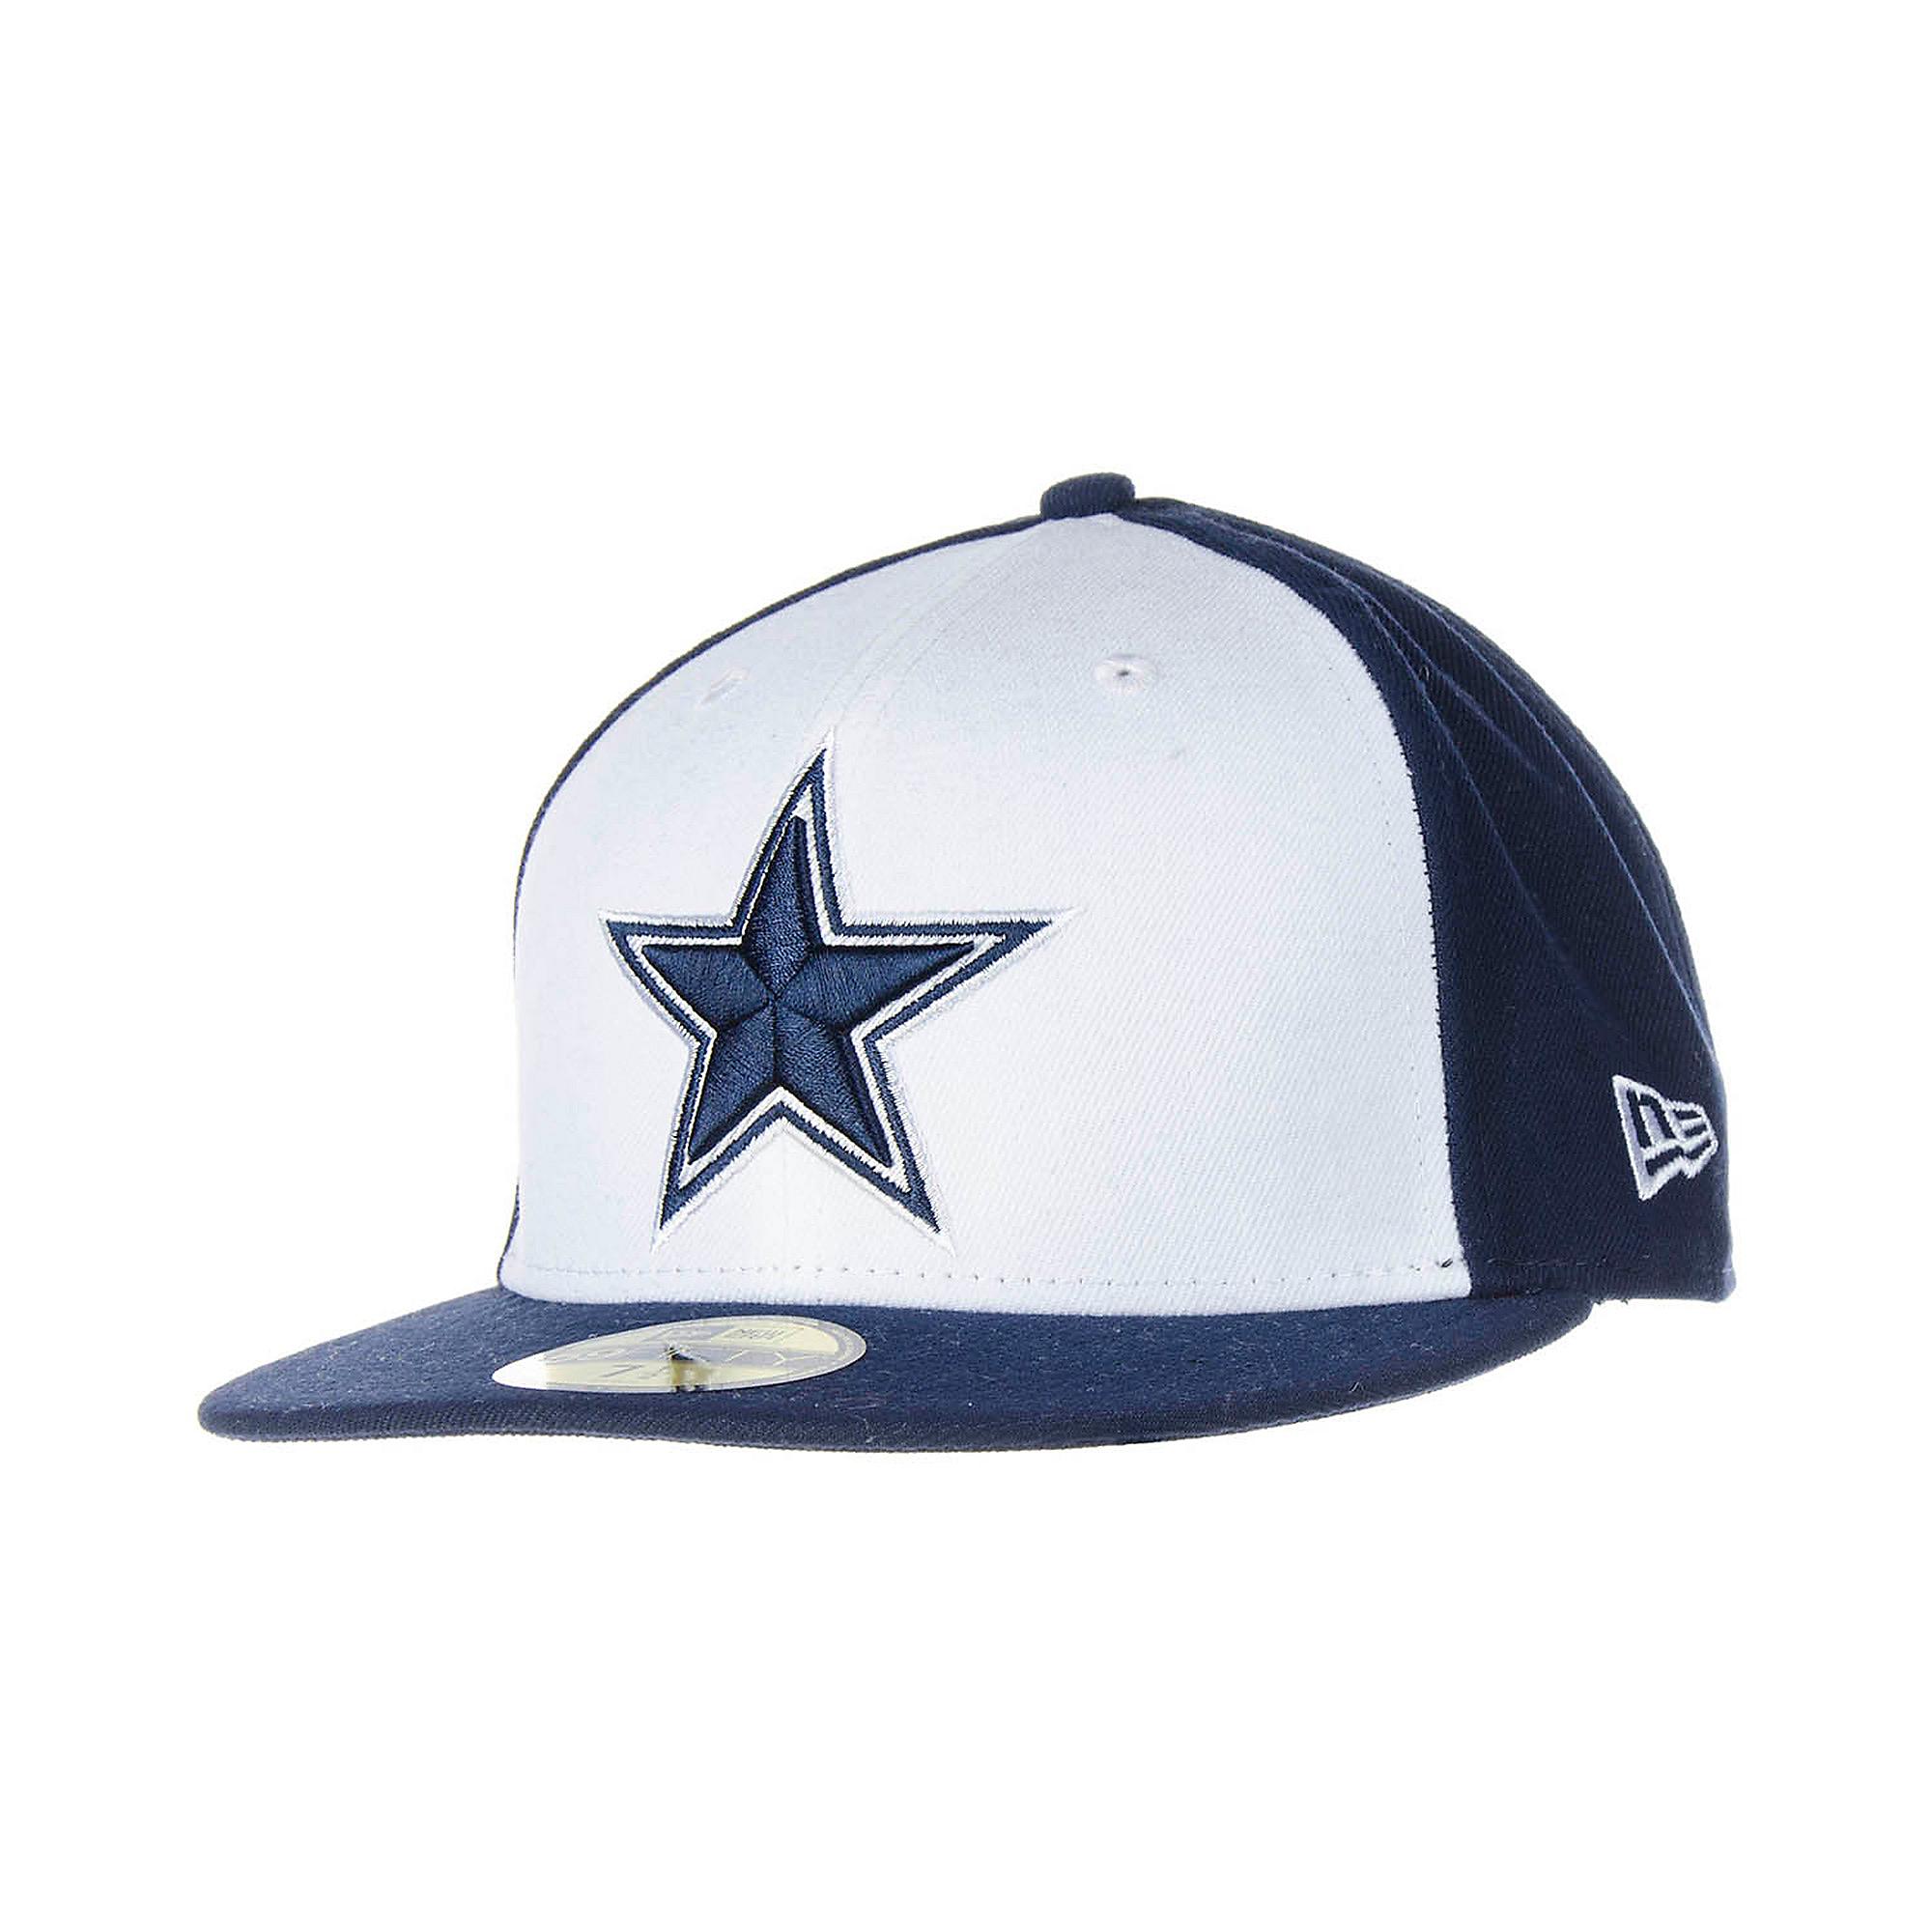 brand new 44ef8 8fa12 Dallas Cowboys New Era 59Fifty Sideline Cap